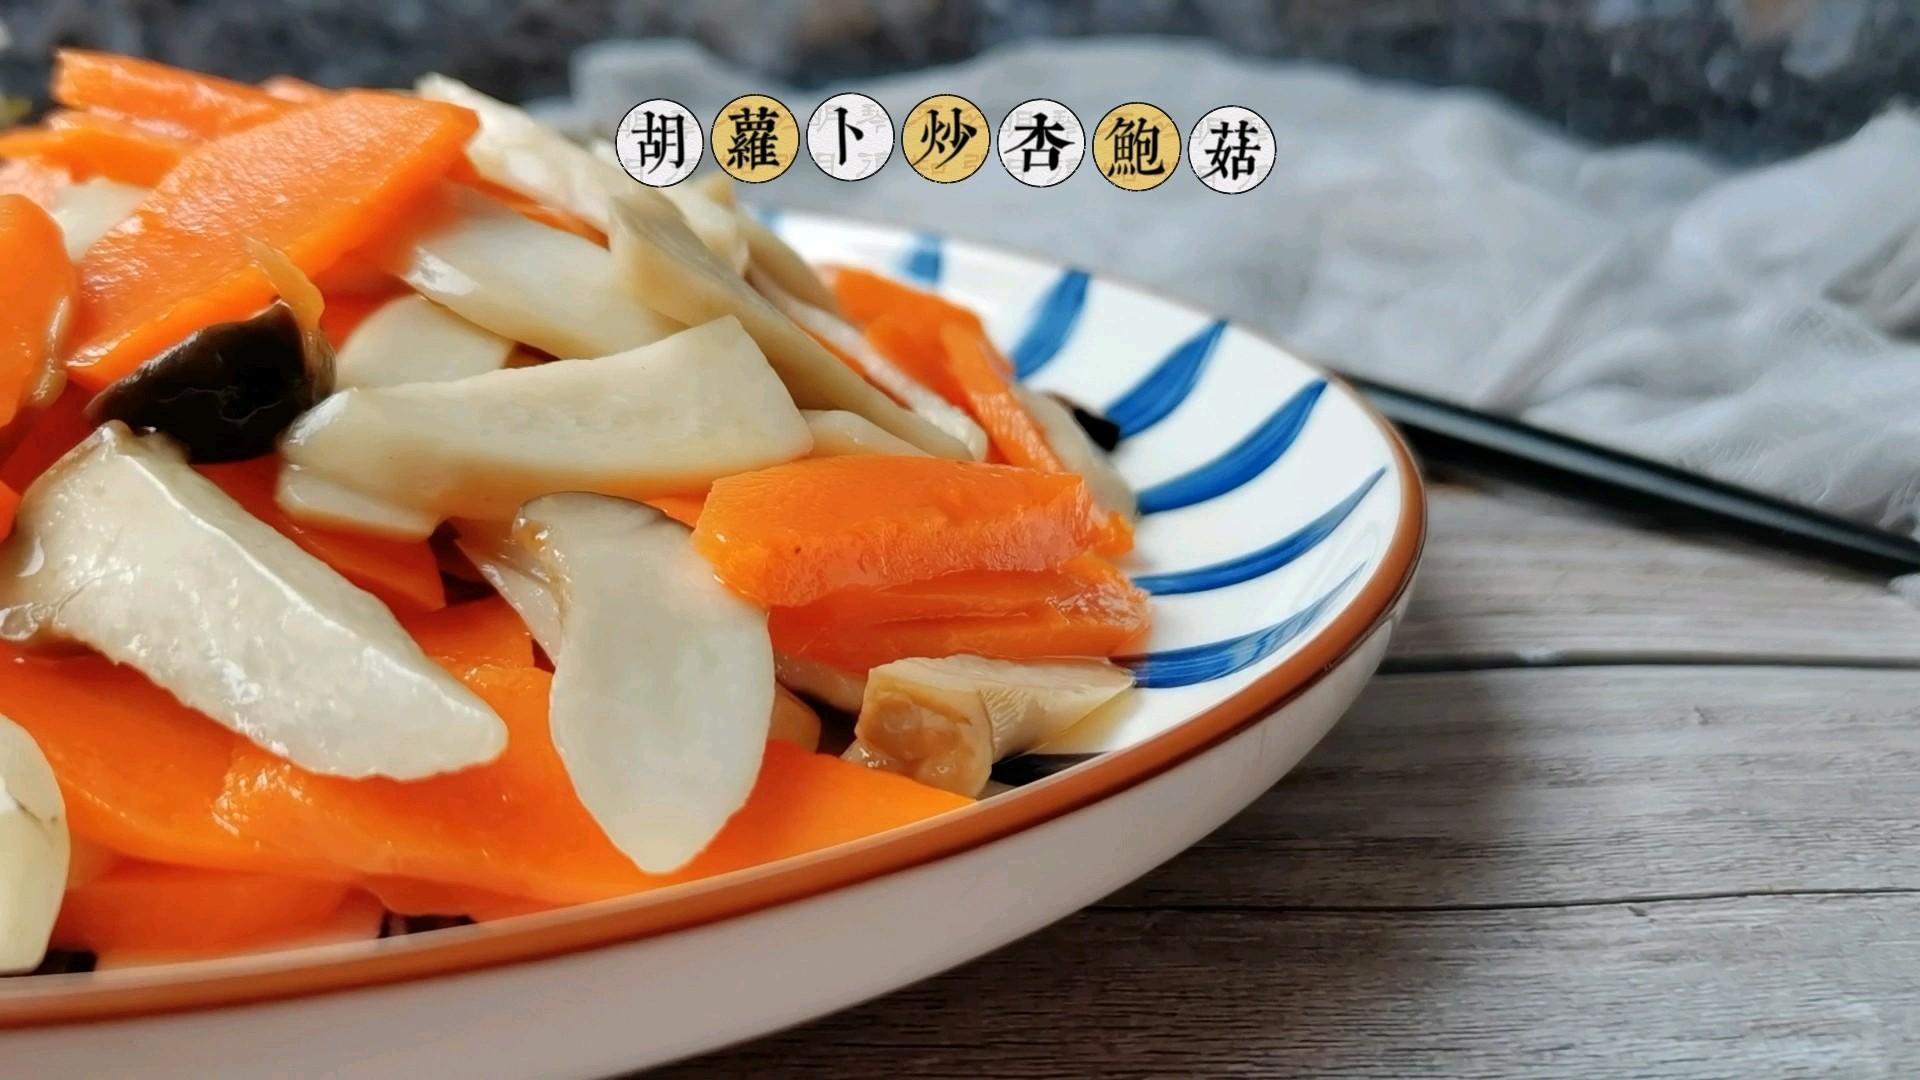 胡萝卜炒杏鲍菇的做法